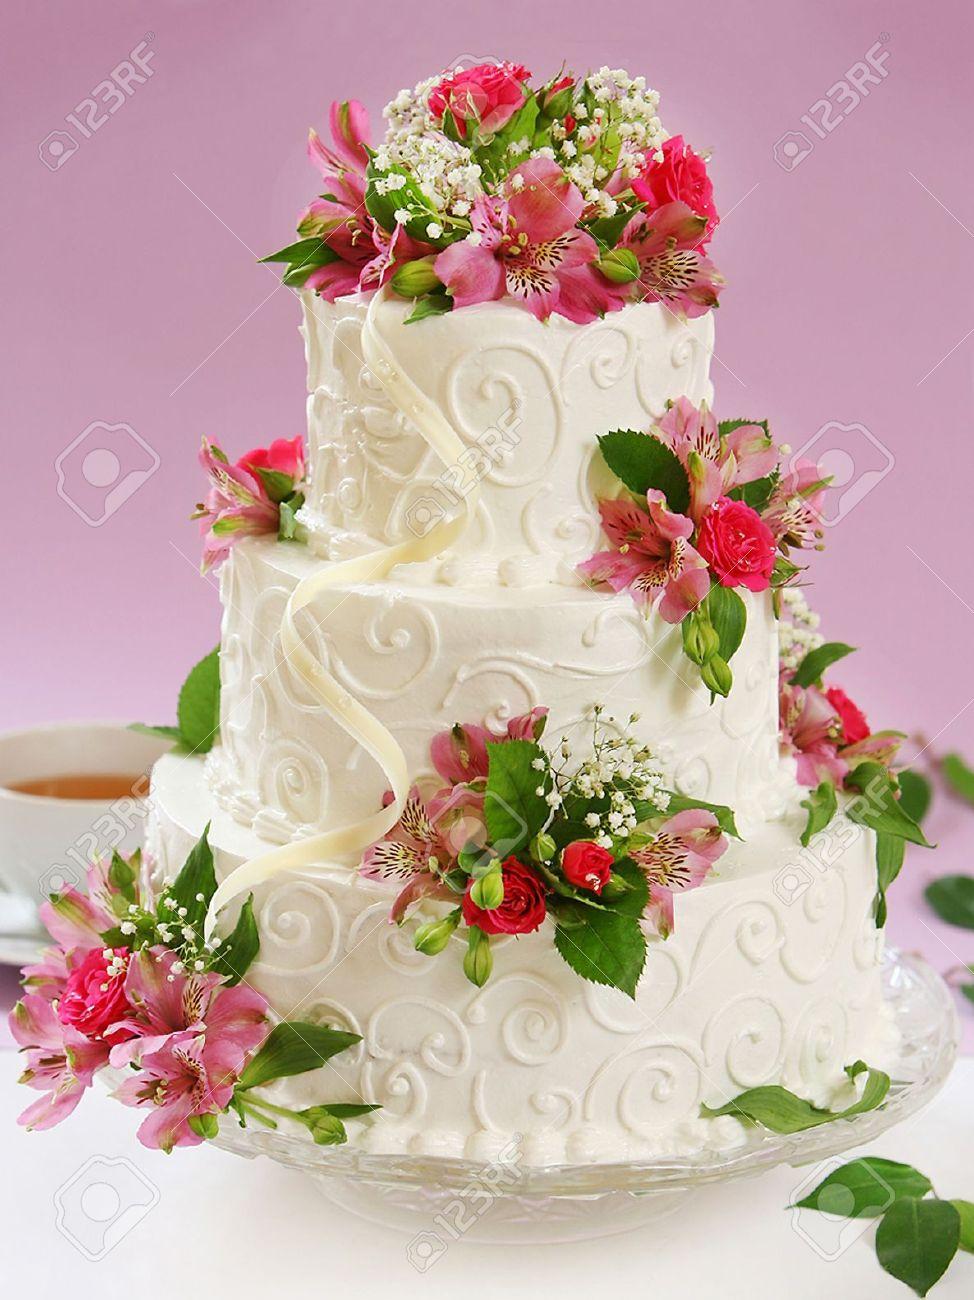 Schone Kuchen Lizenzfreie Fotos Bilder Und Stock Fotografie Image